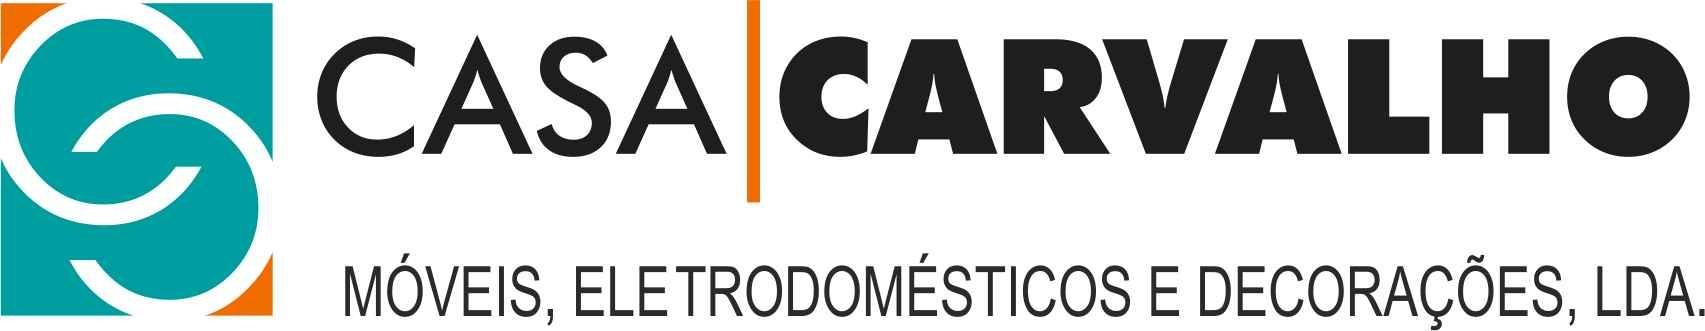 Casa Carvalho - Móveis, Eletrodomésticos e Decorações Lda.